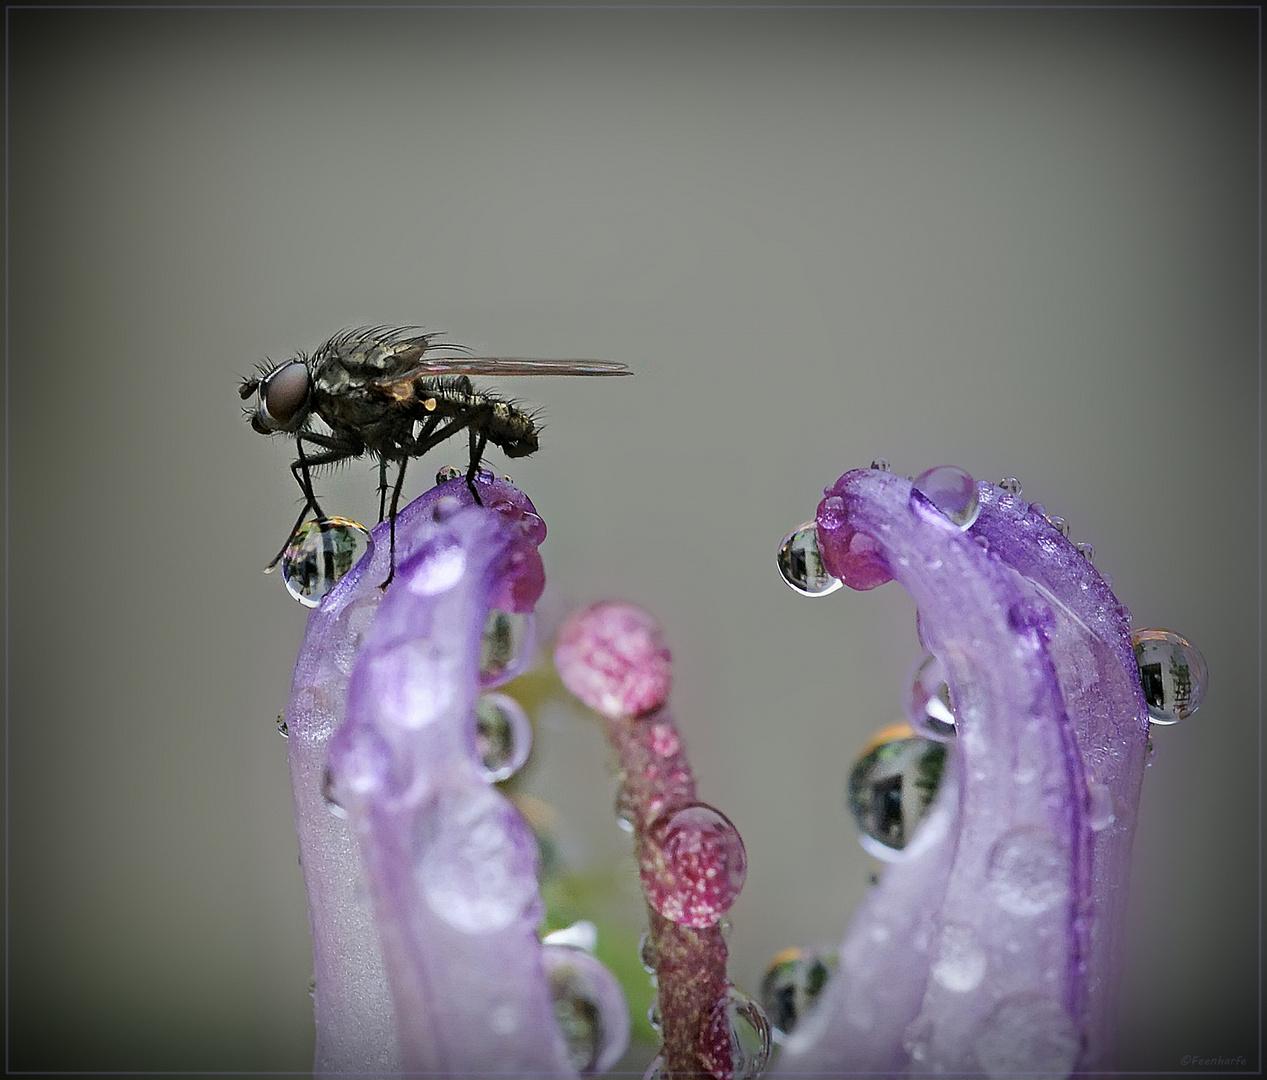 Fliege beim Gugeln erwischt...